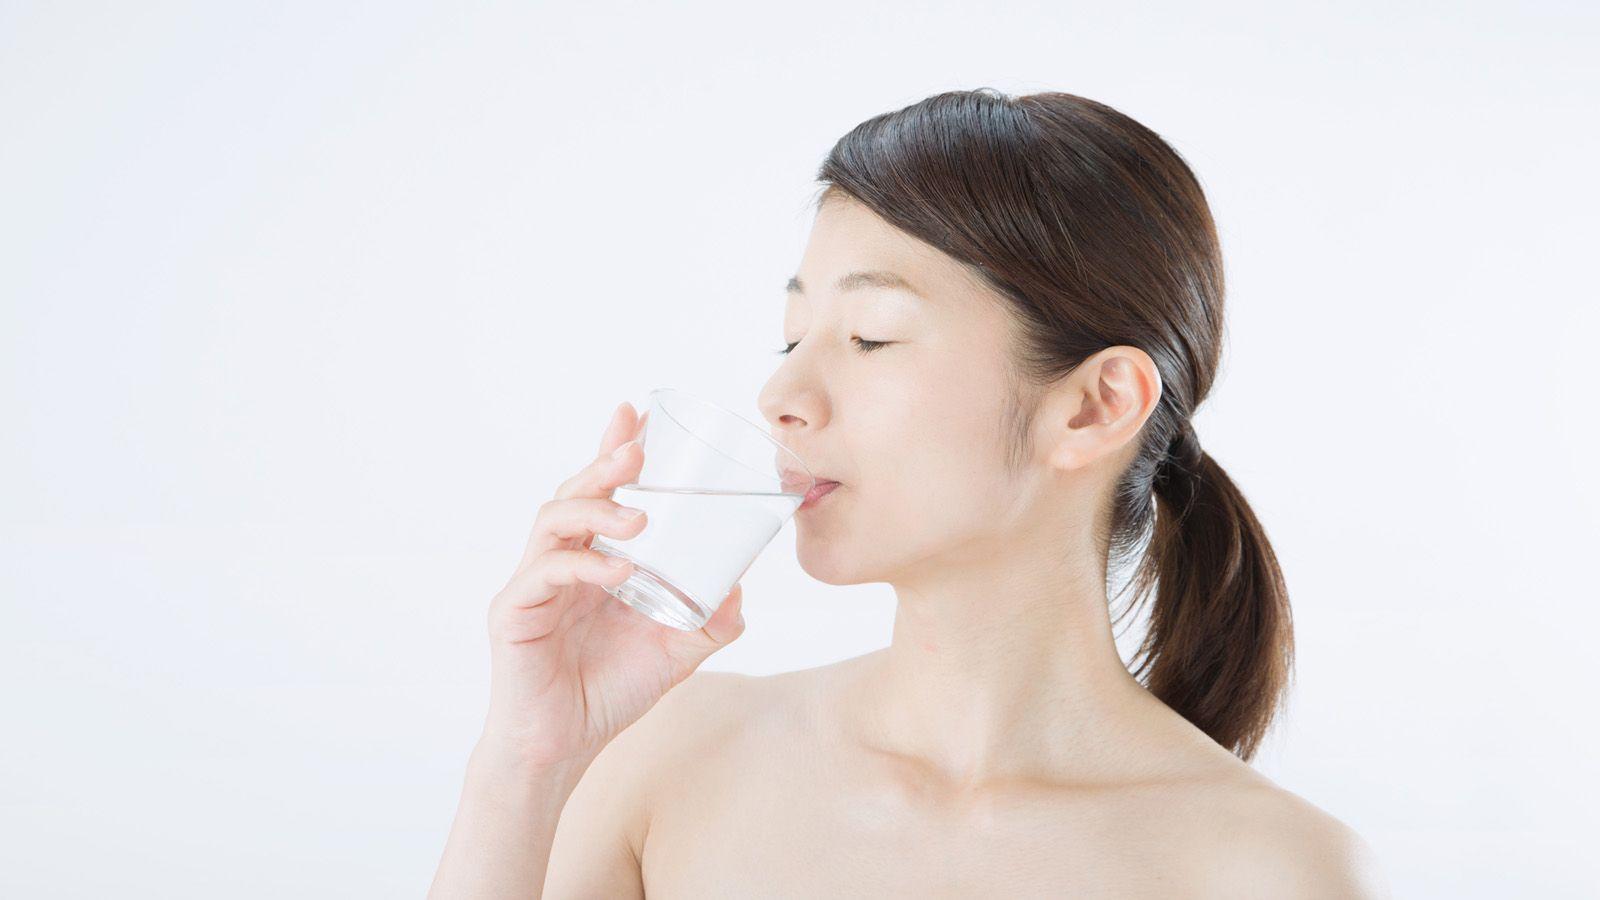 水を大量に飲むとやせる」という説の大誤解 | 健康 | 東洋経済 ...